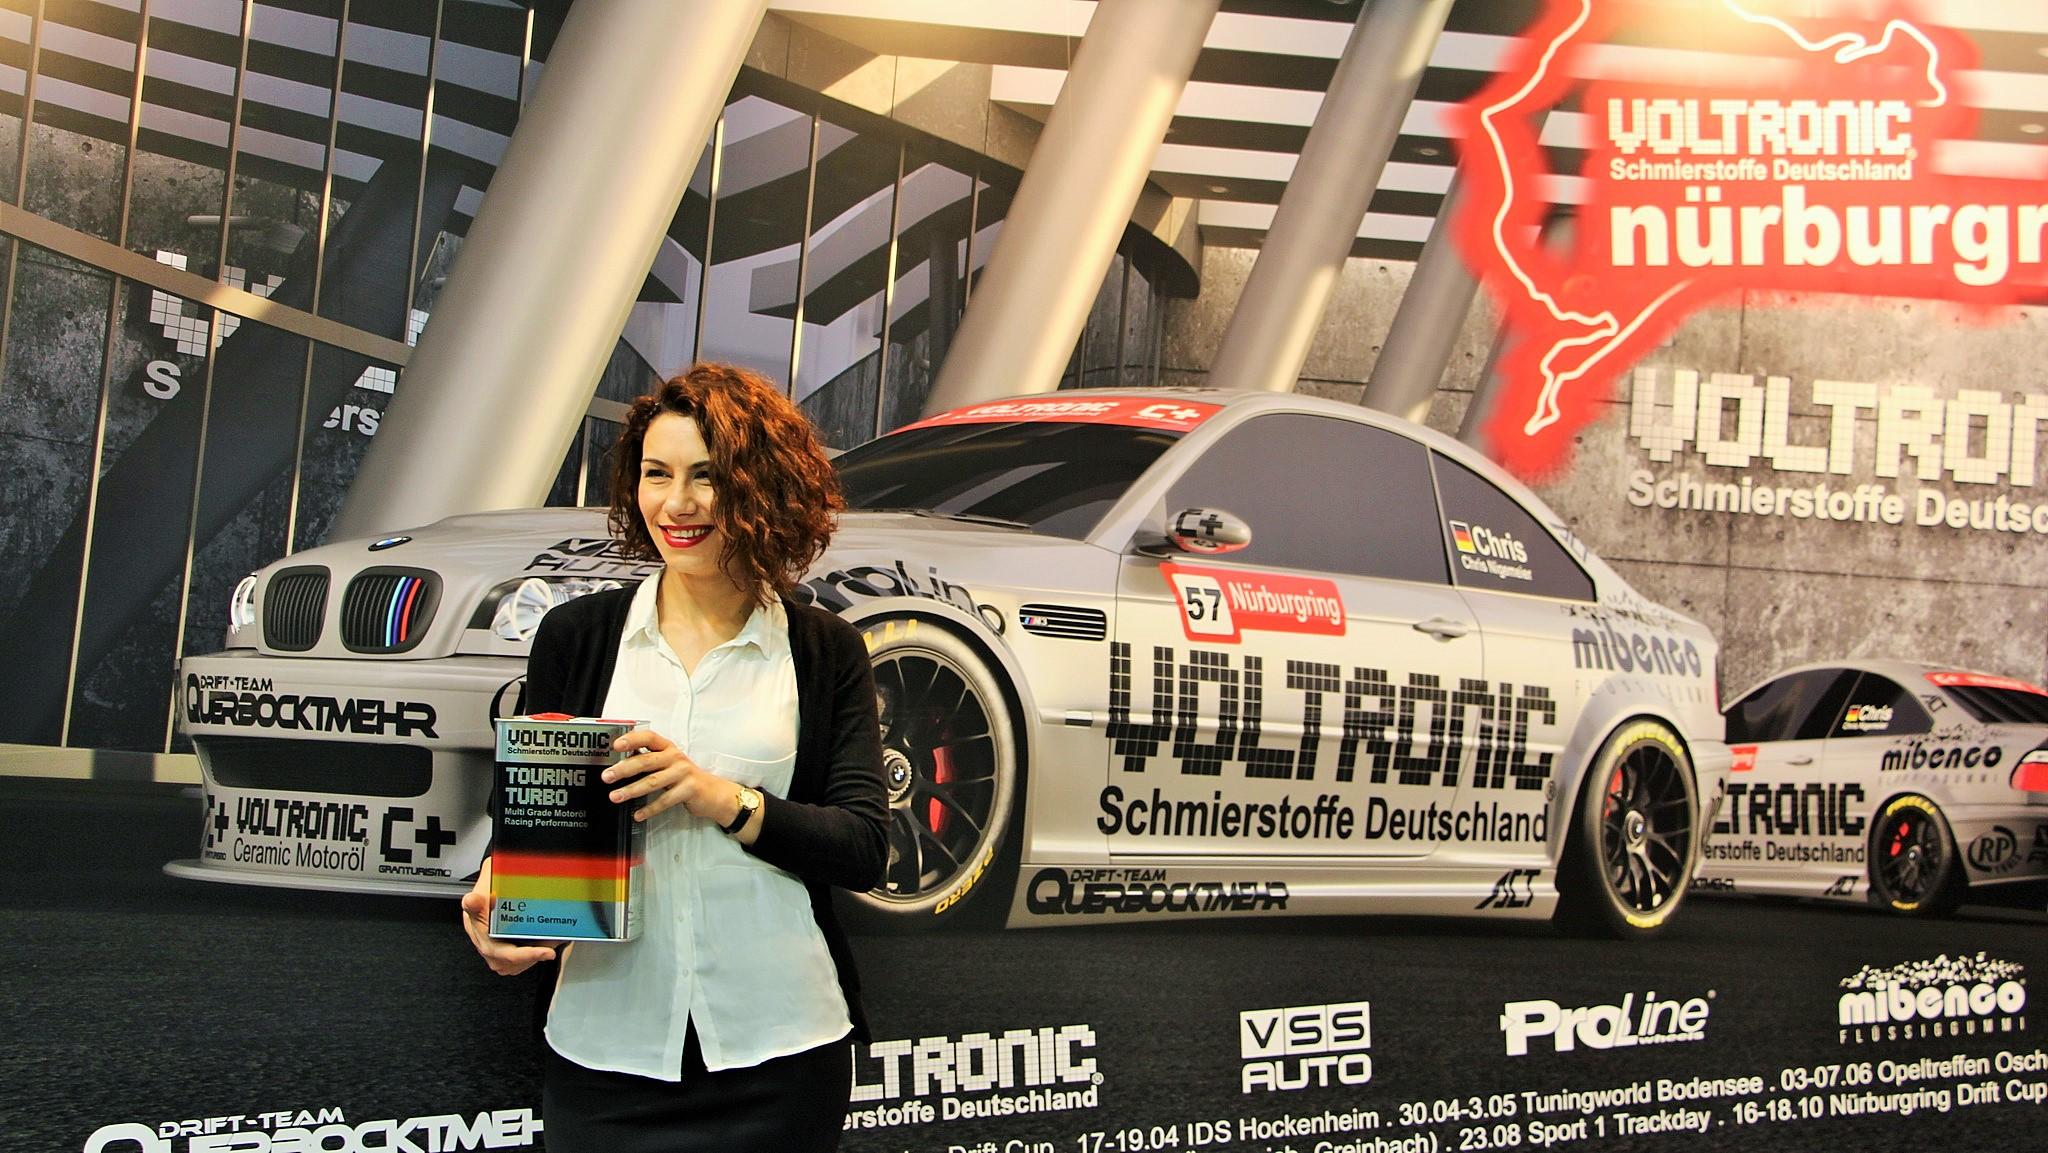 voltronic-automechanika istanbul-2015-009